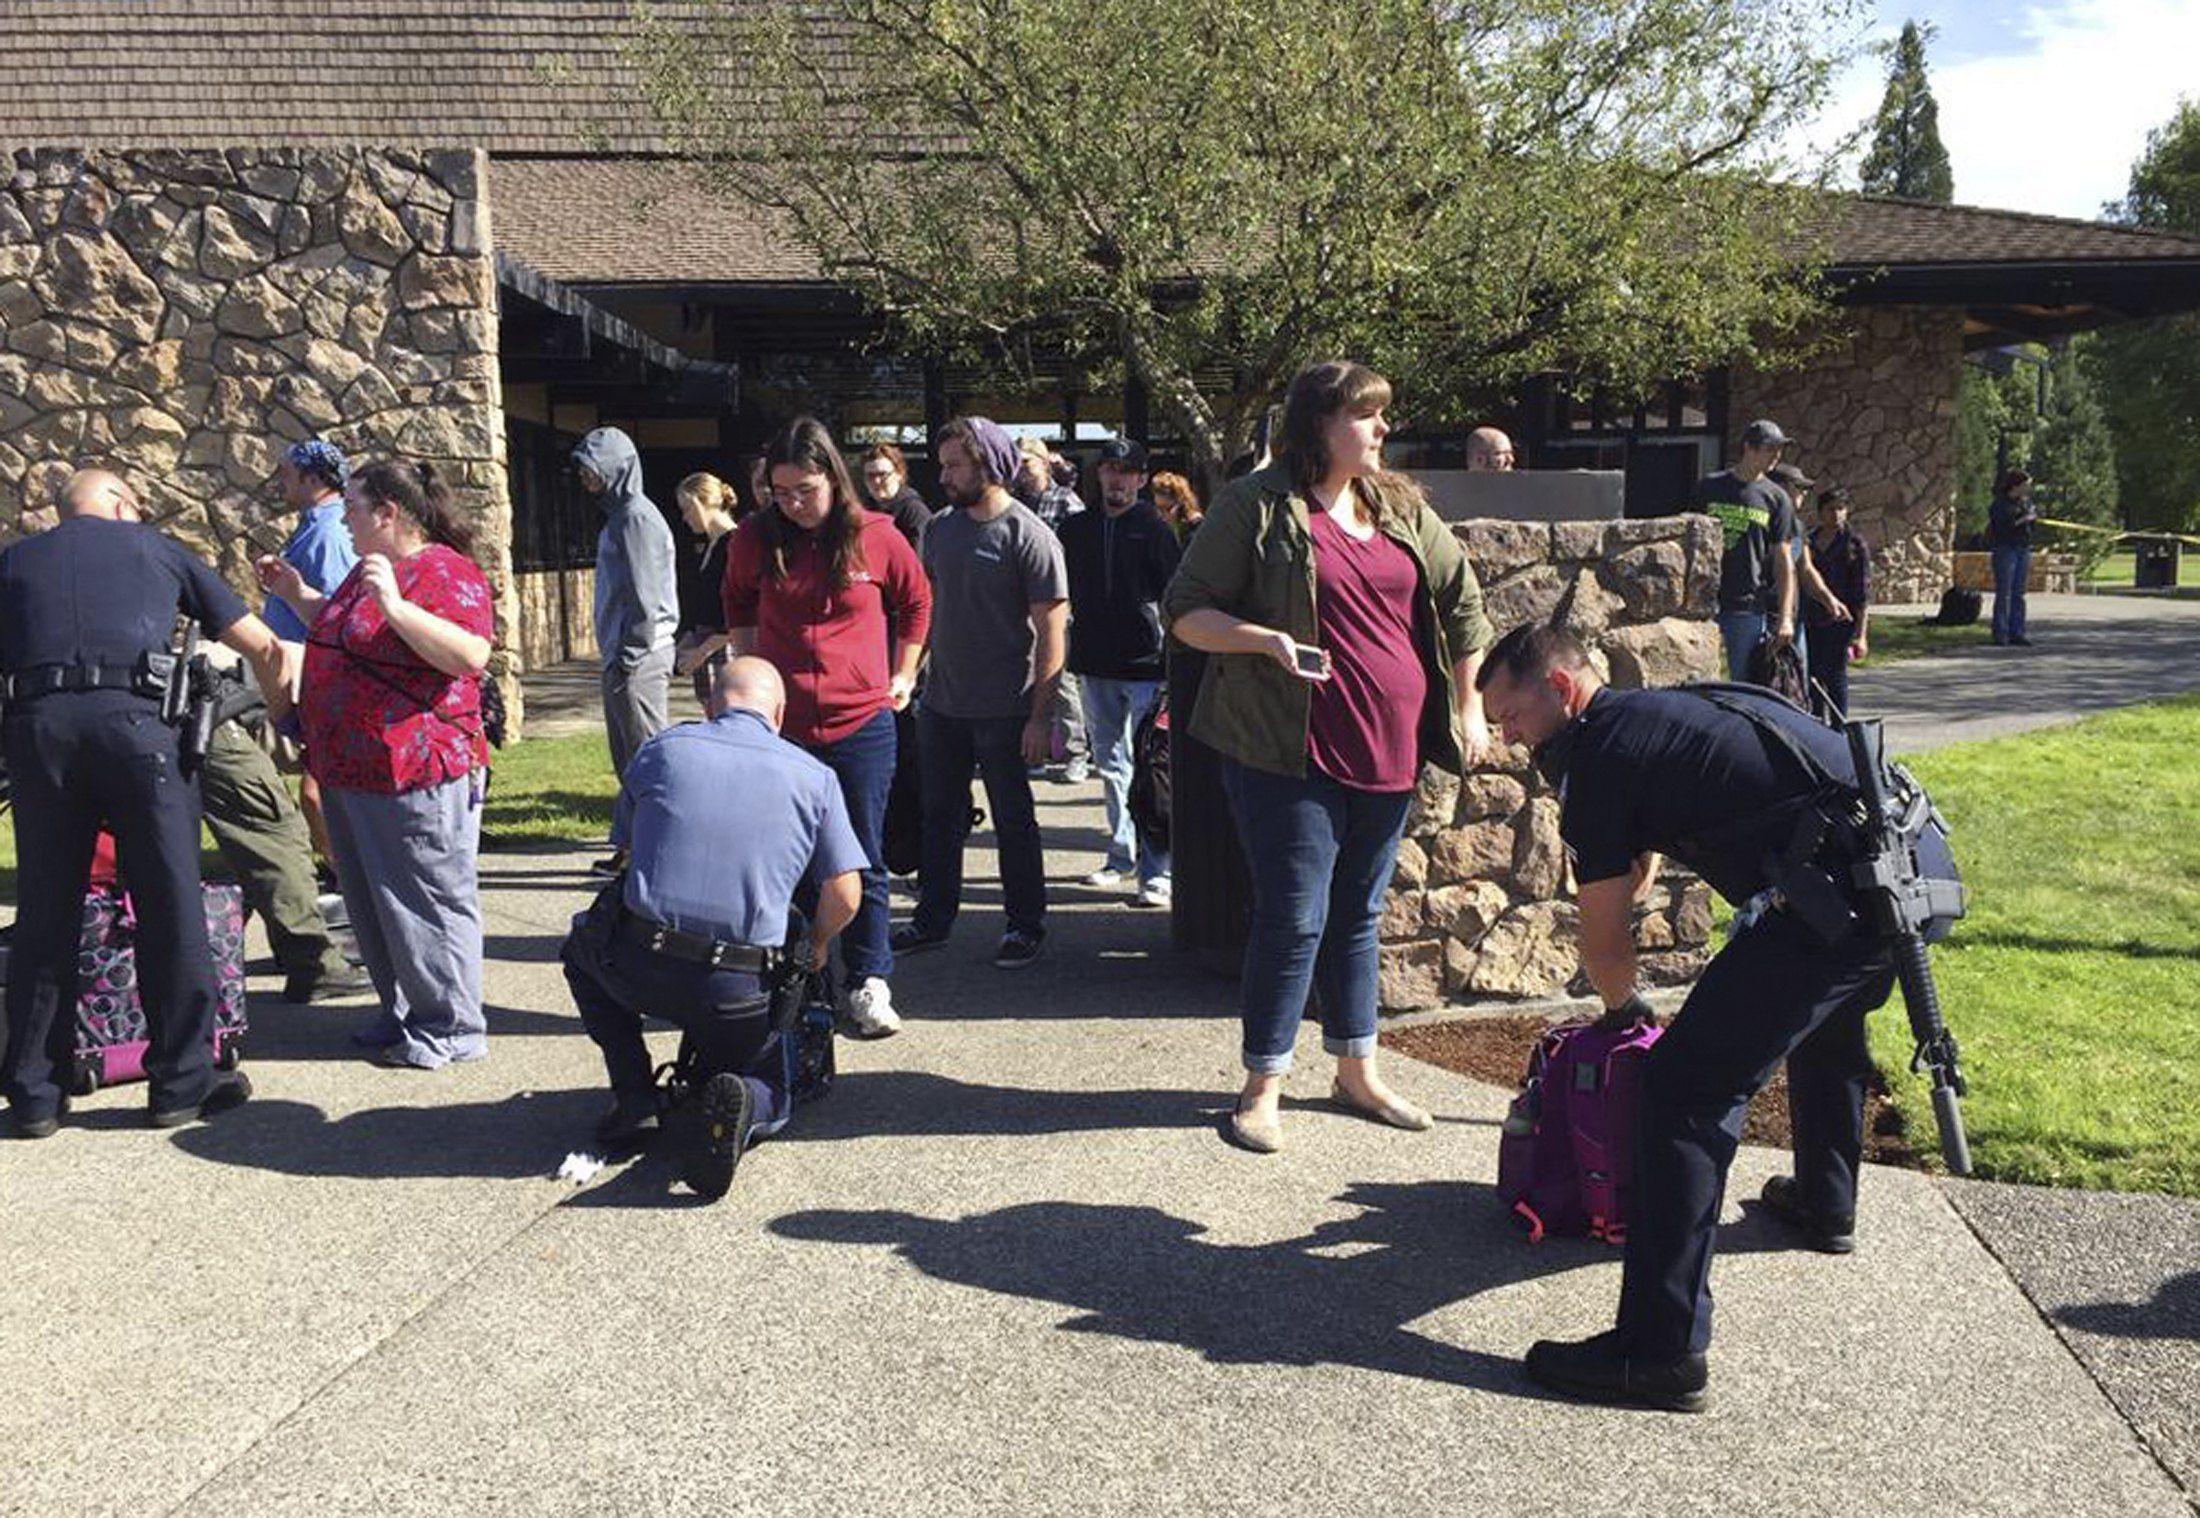 Umpqua school shooting